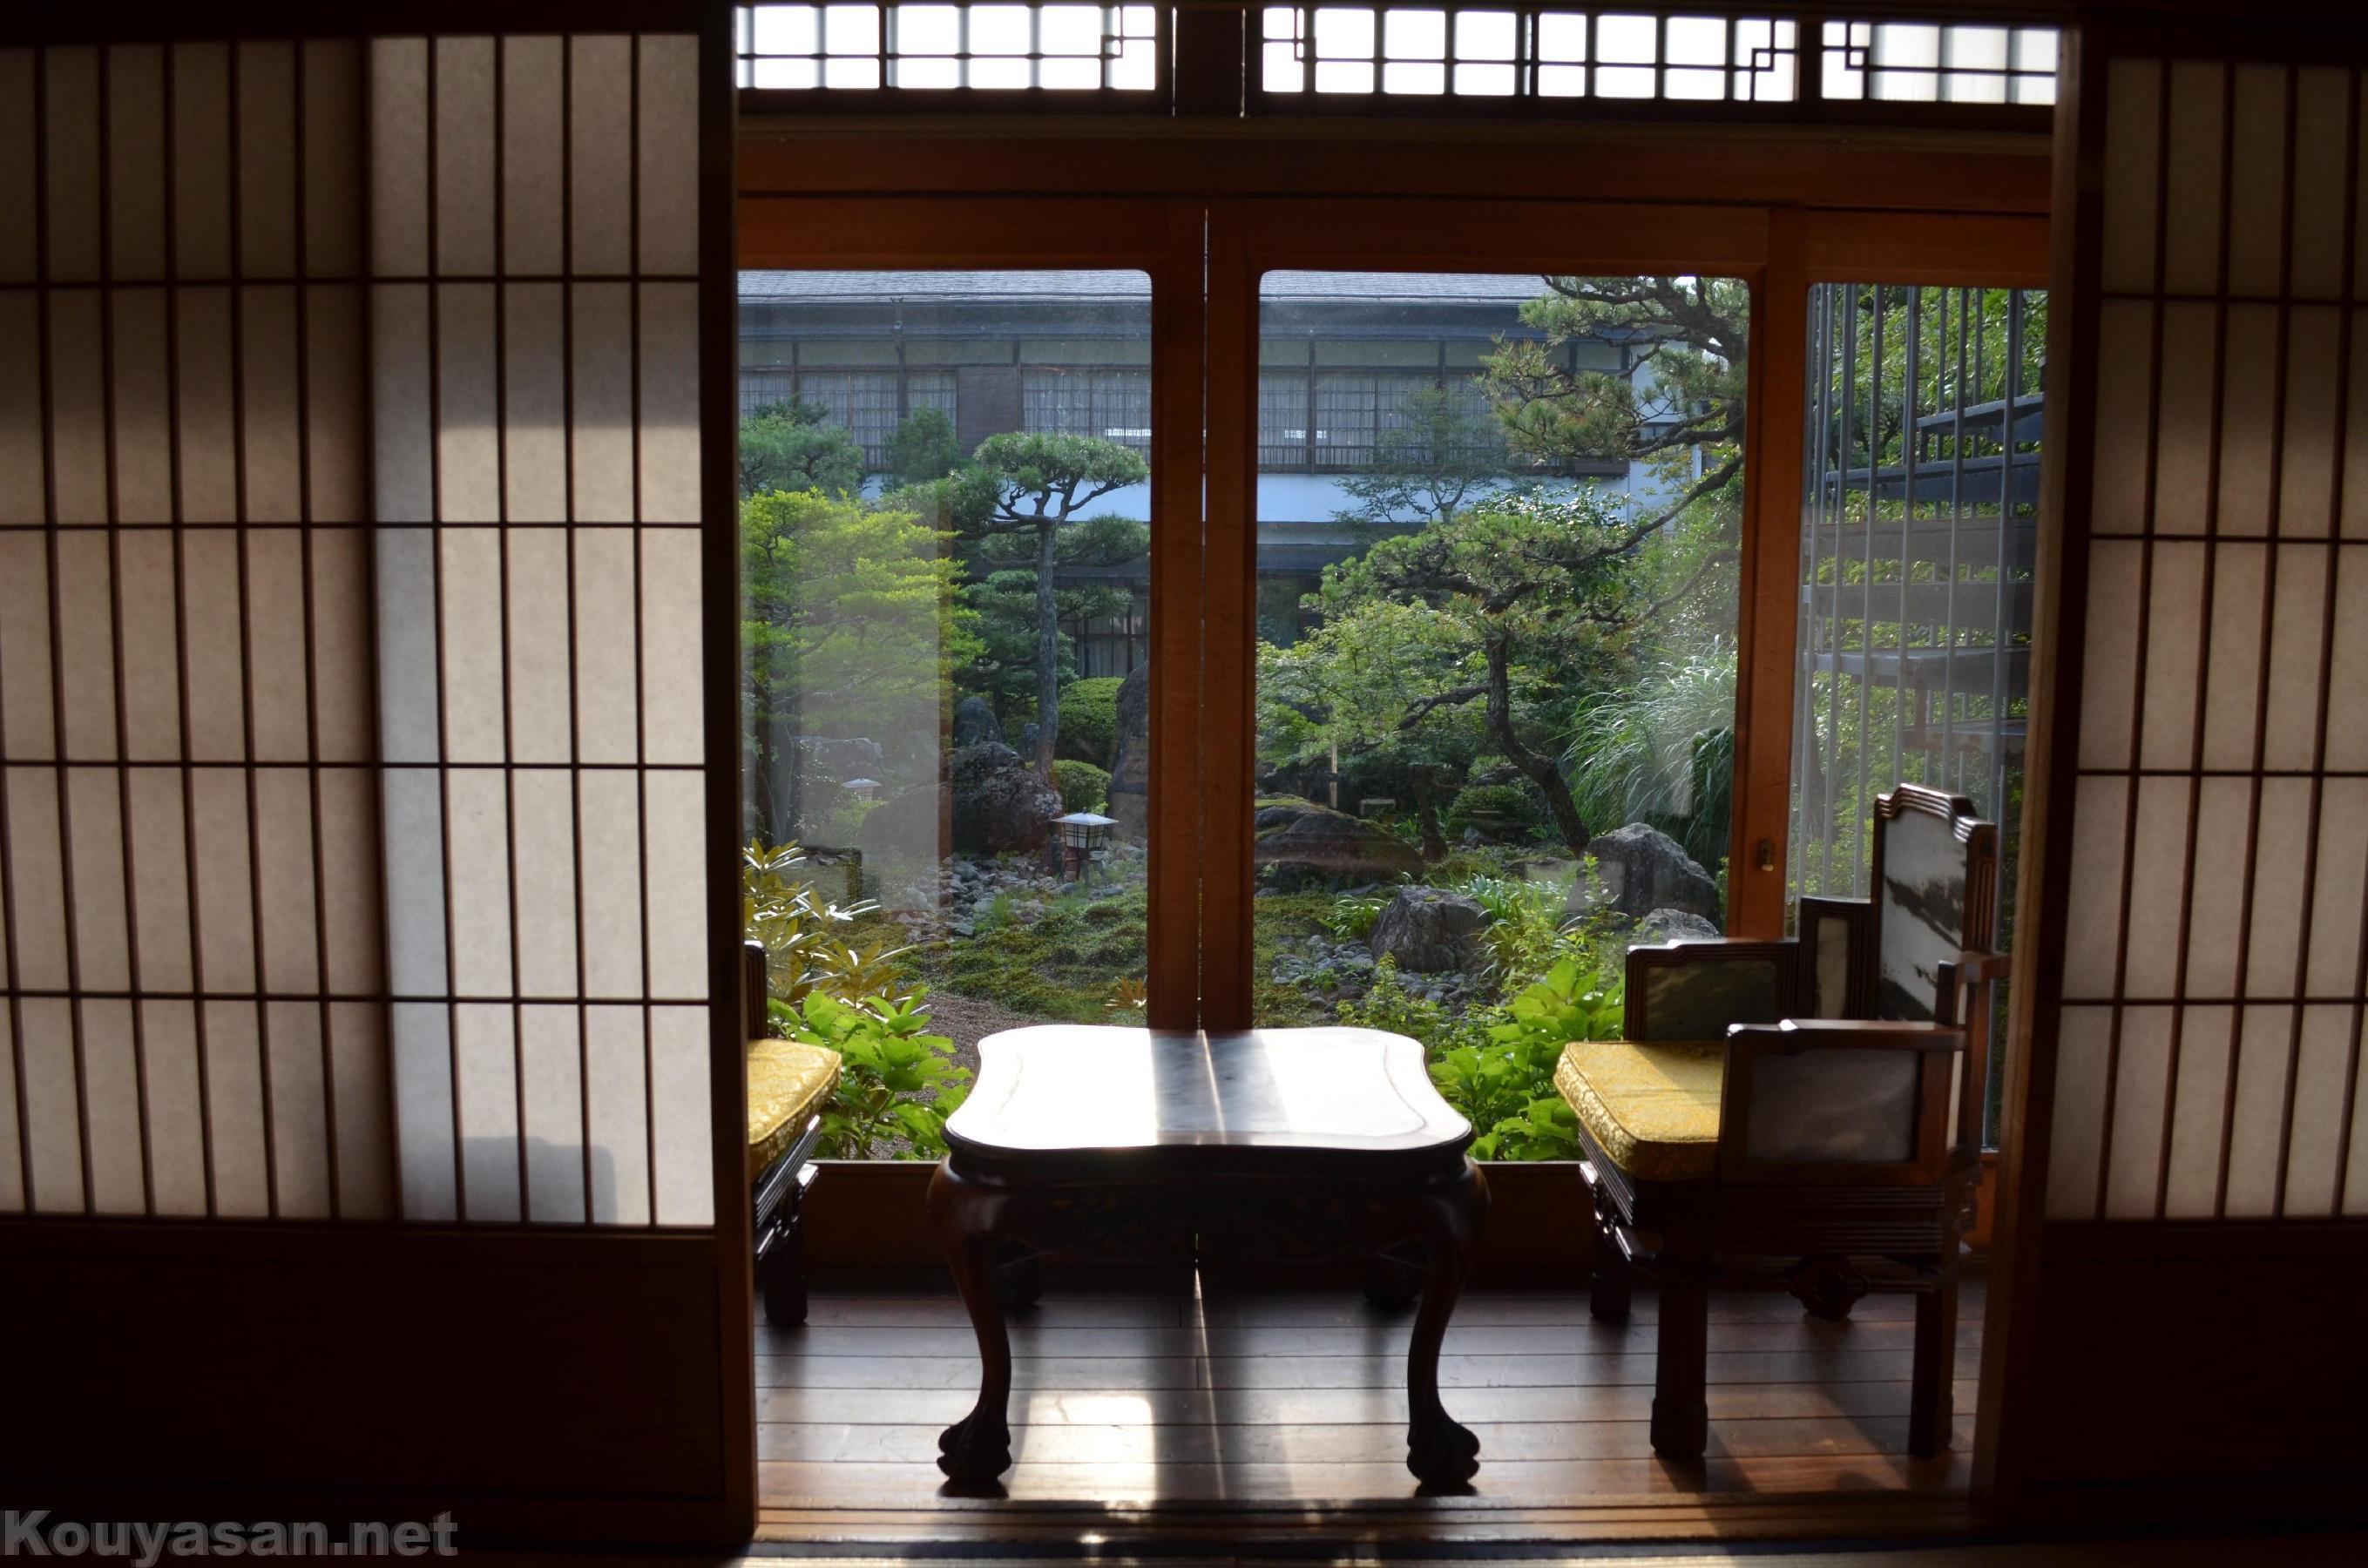 高野山持明院の部屋から眺めた庭